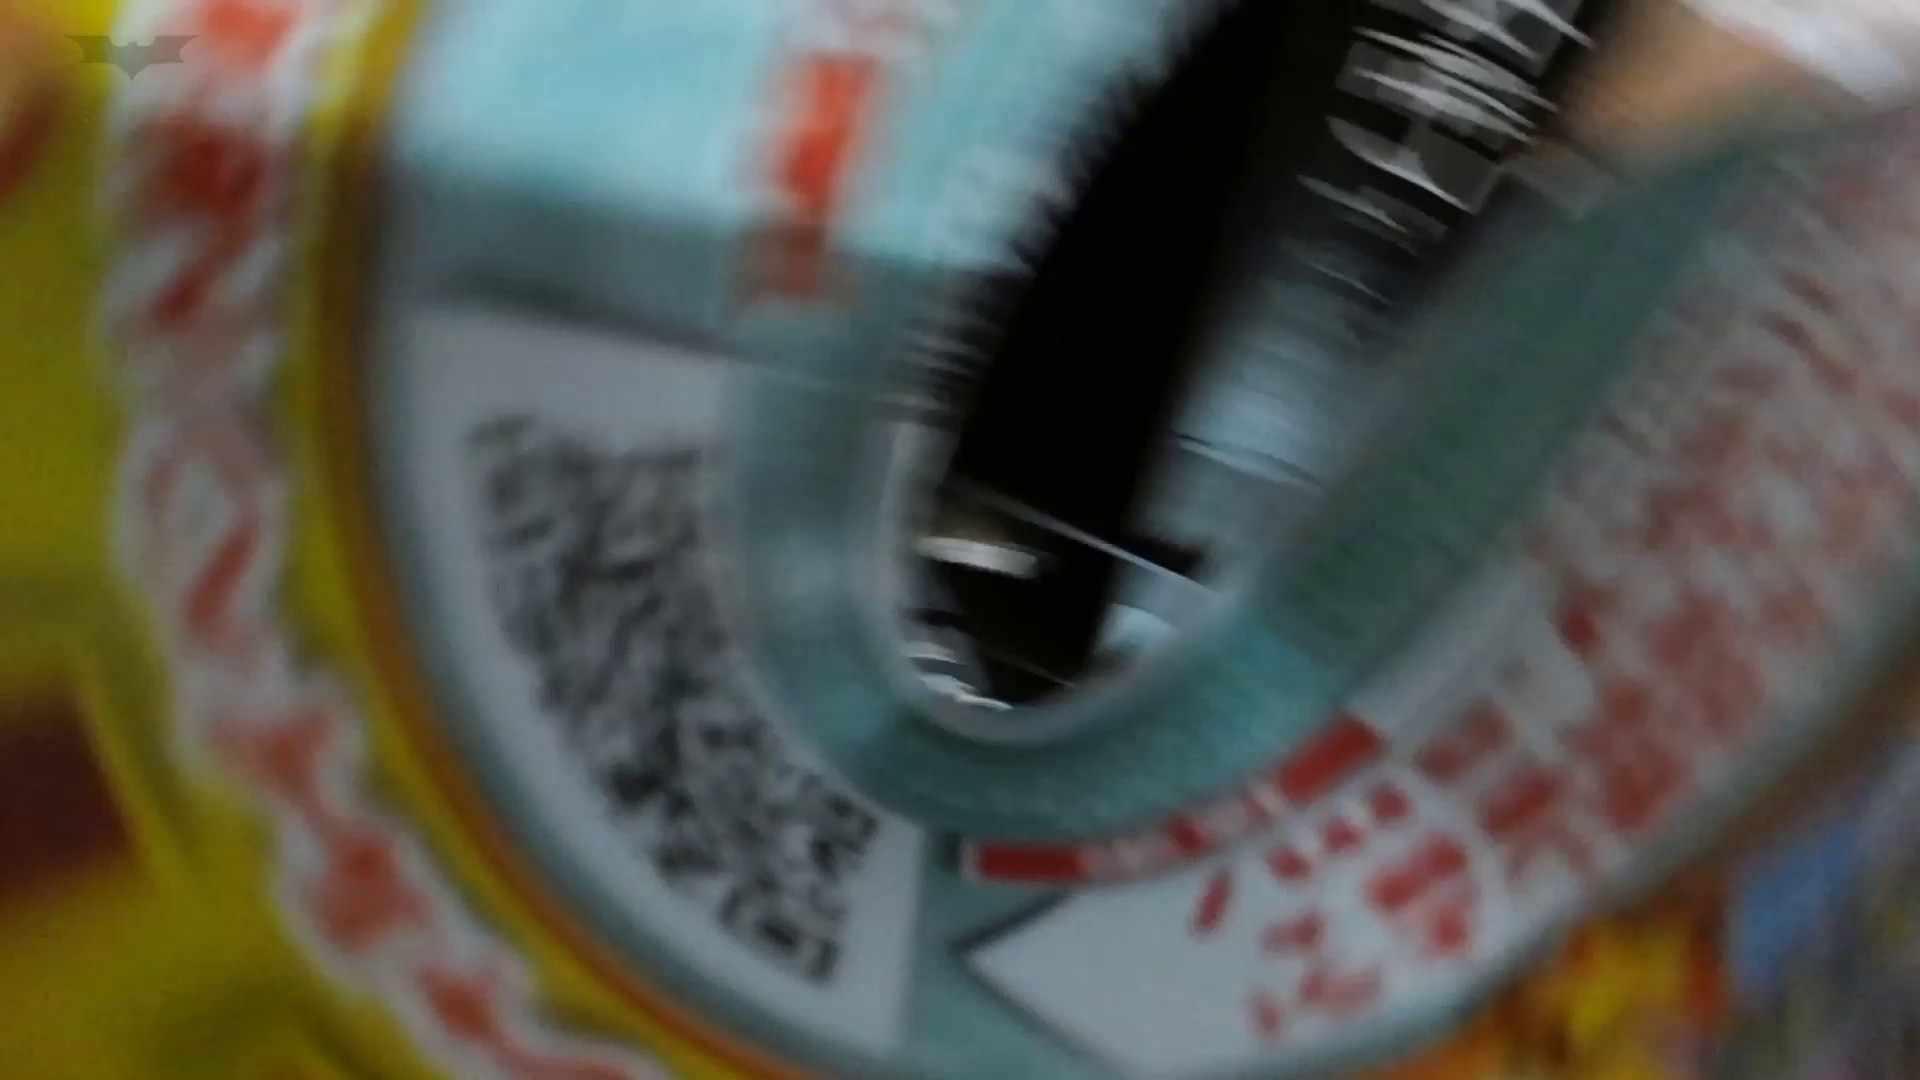 悪戯ネットカフェ Vol16 前篇 JD系モリマン発見!! ギャル達 オマンコ無修正動画無料 106枚 34